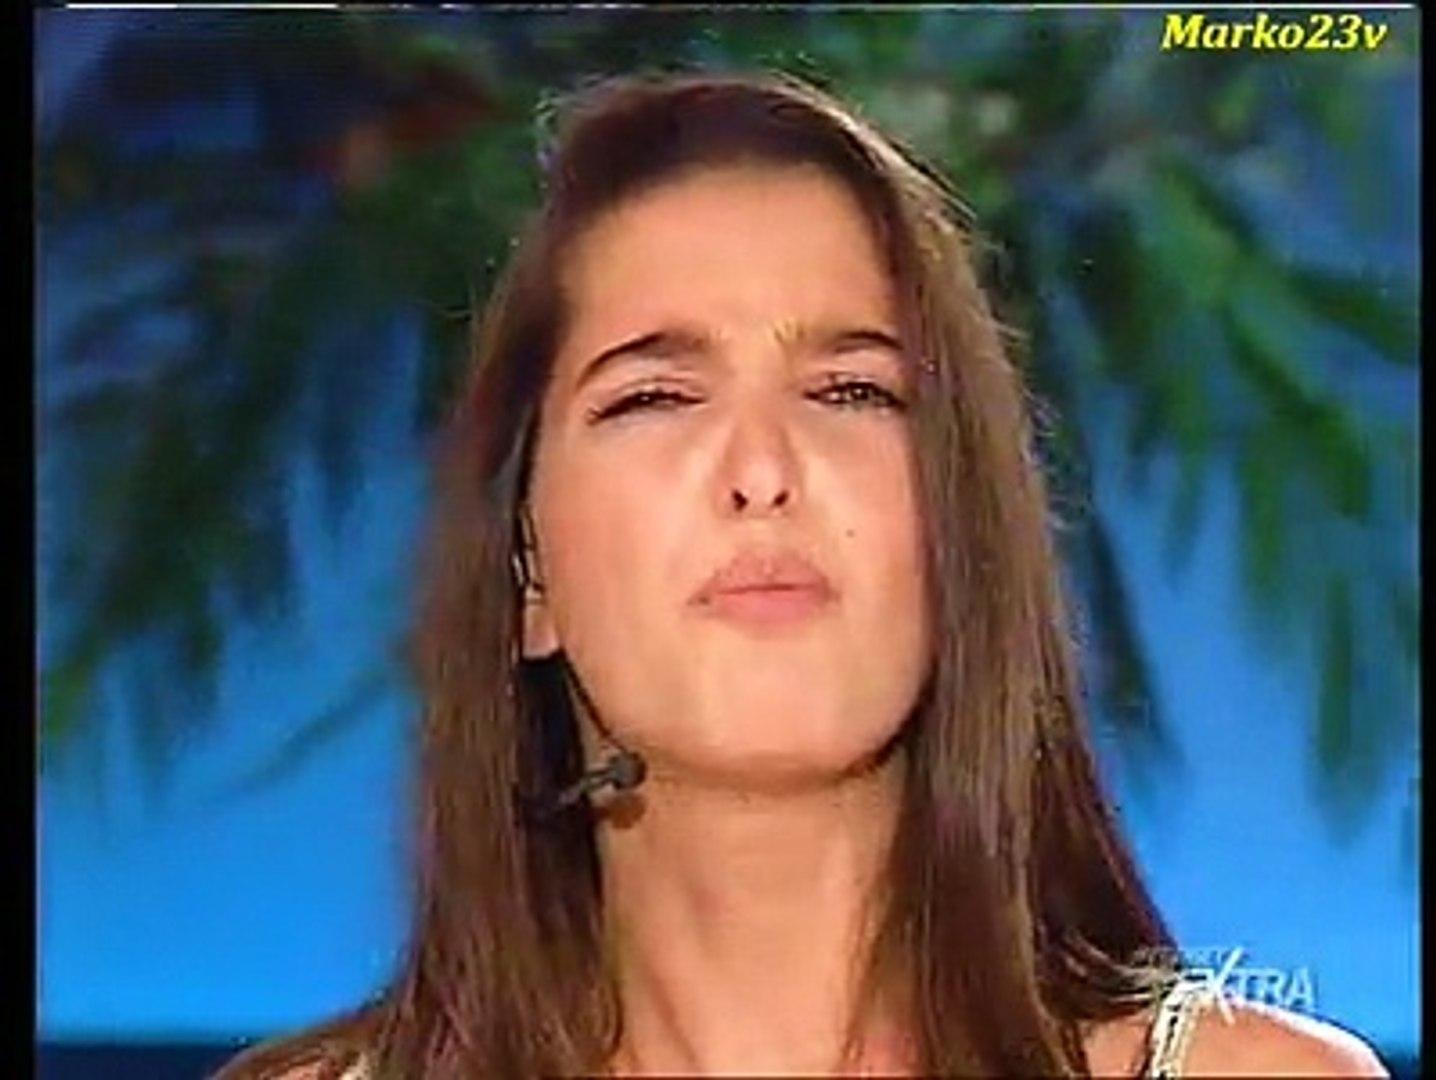 Alessia Mancini Calendario.Alessia Merz Non E La Rai Amore Bello